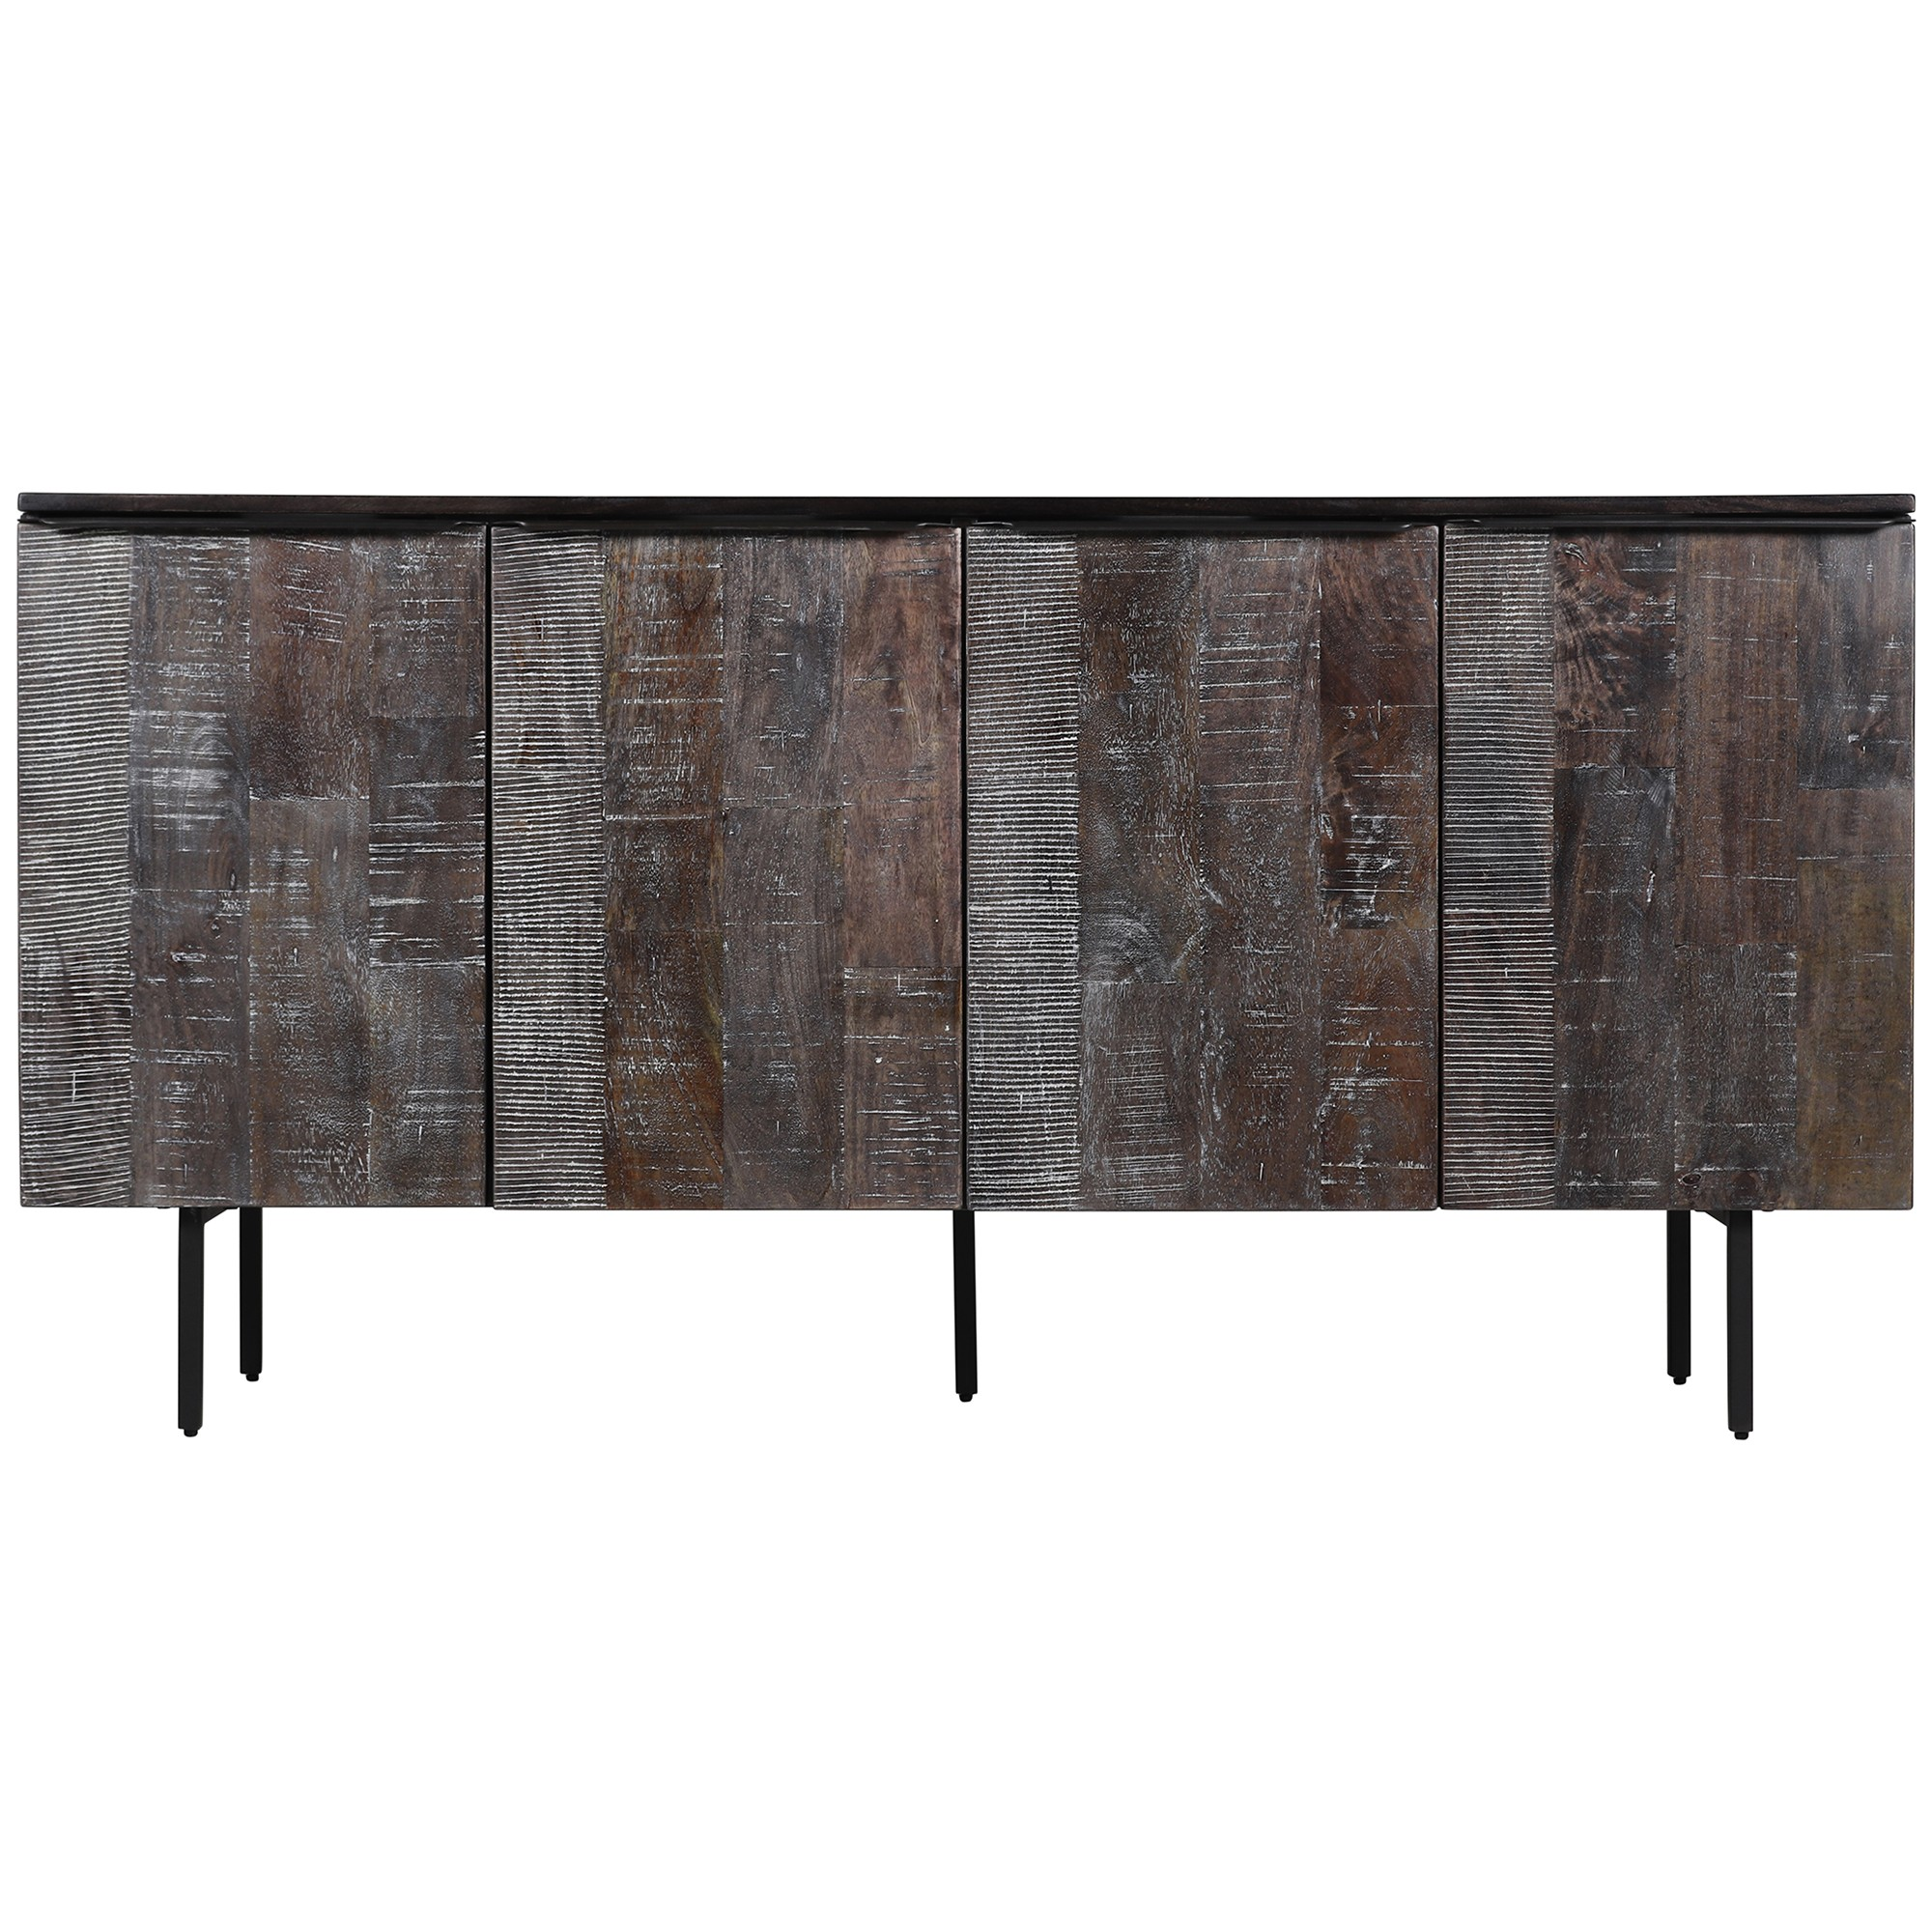 Oldbury Mango Wood 4 Door Sideboard, 162cm